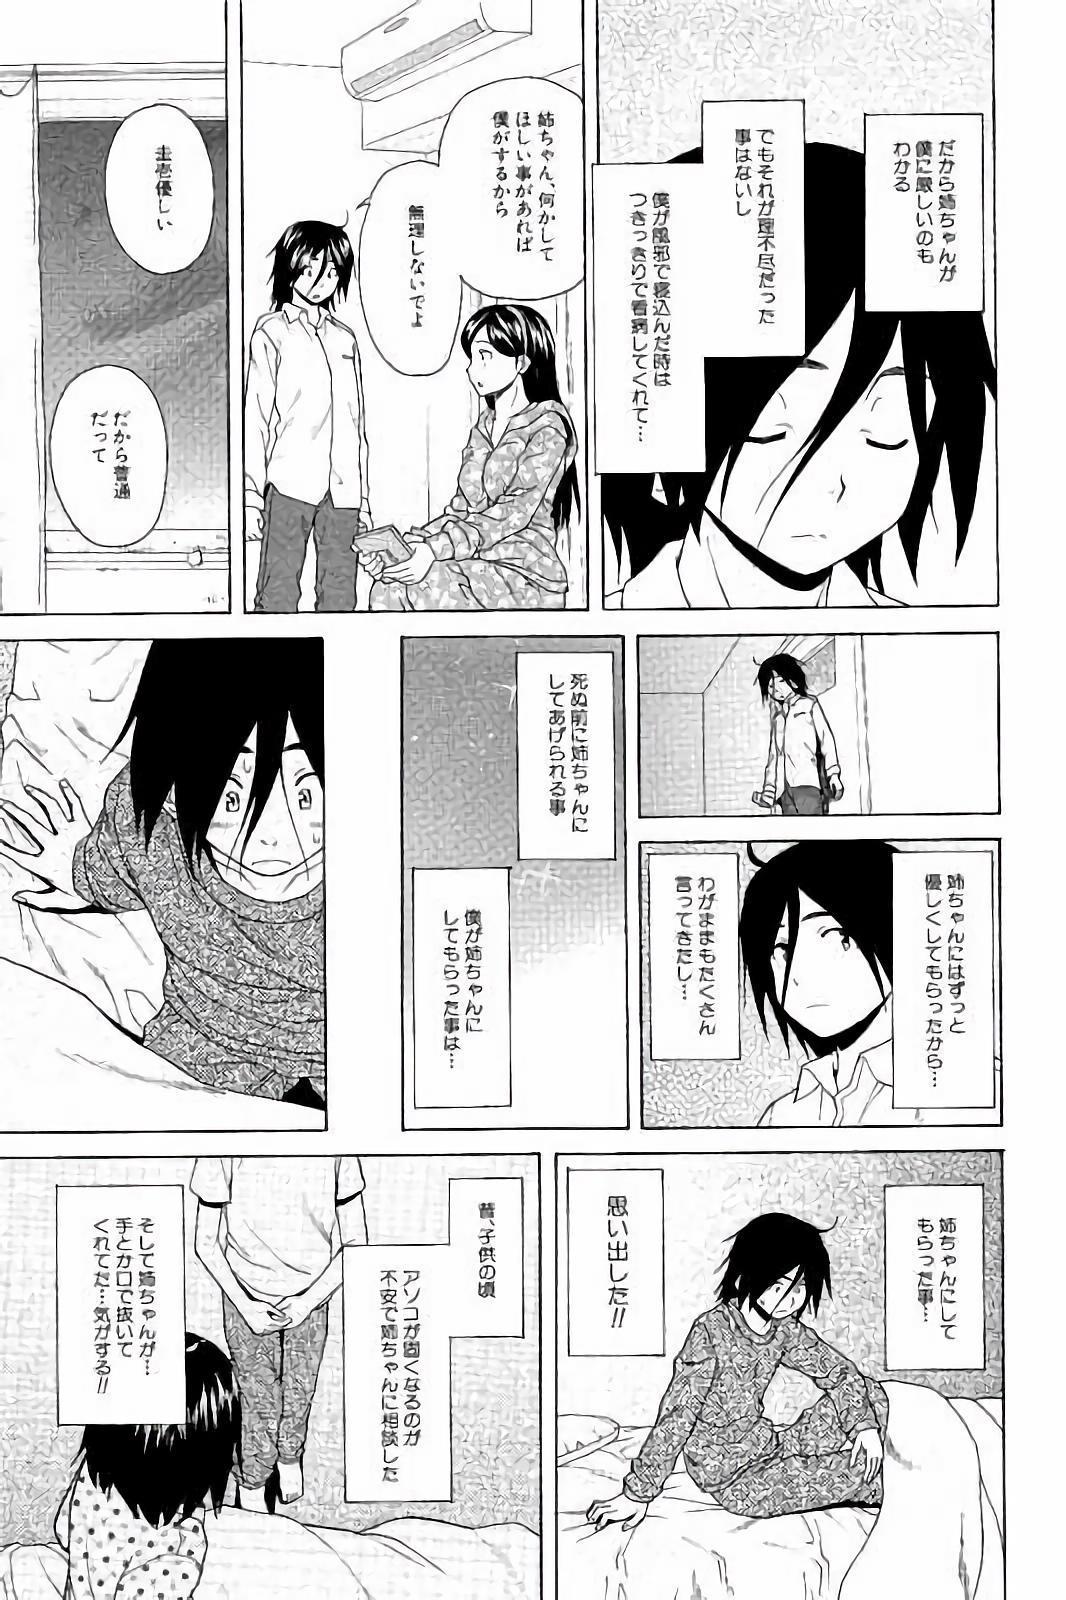 Ane no Himitsu To Boku no Jisatsu 72